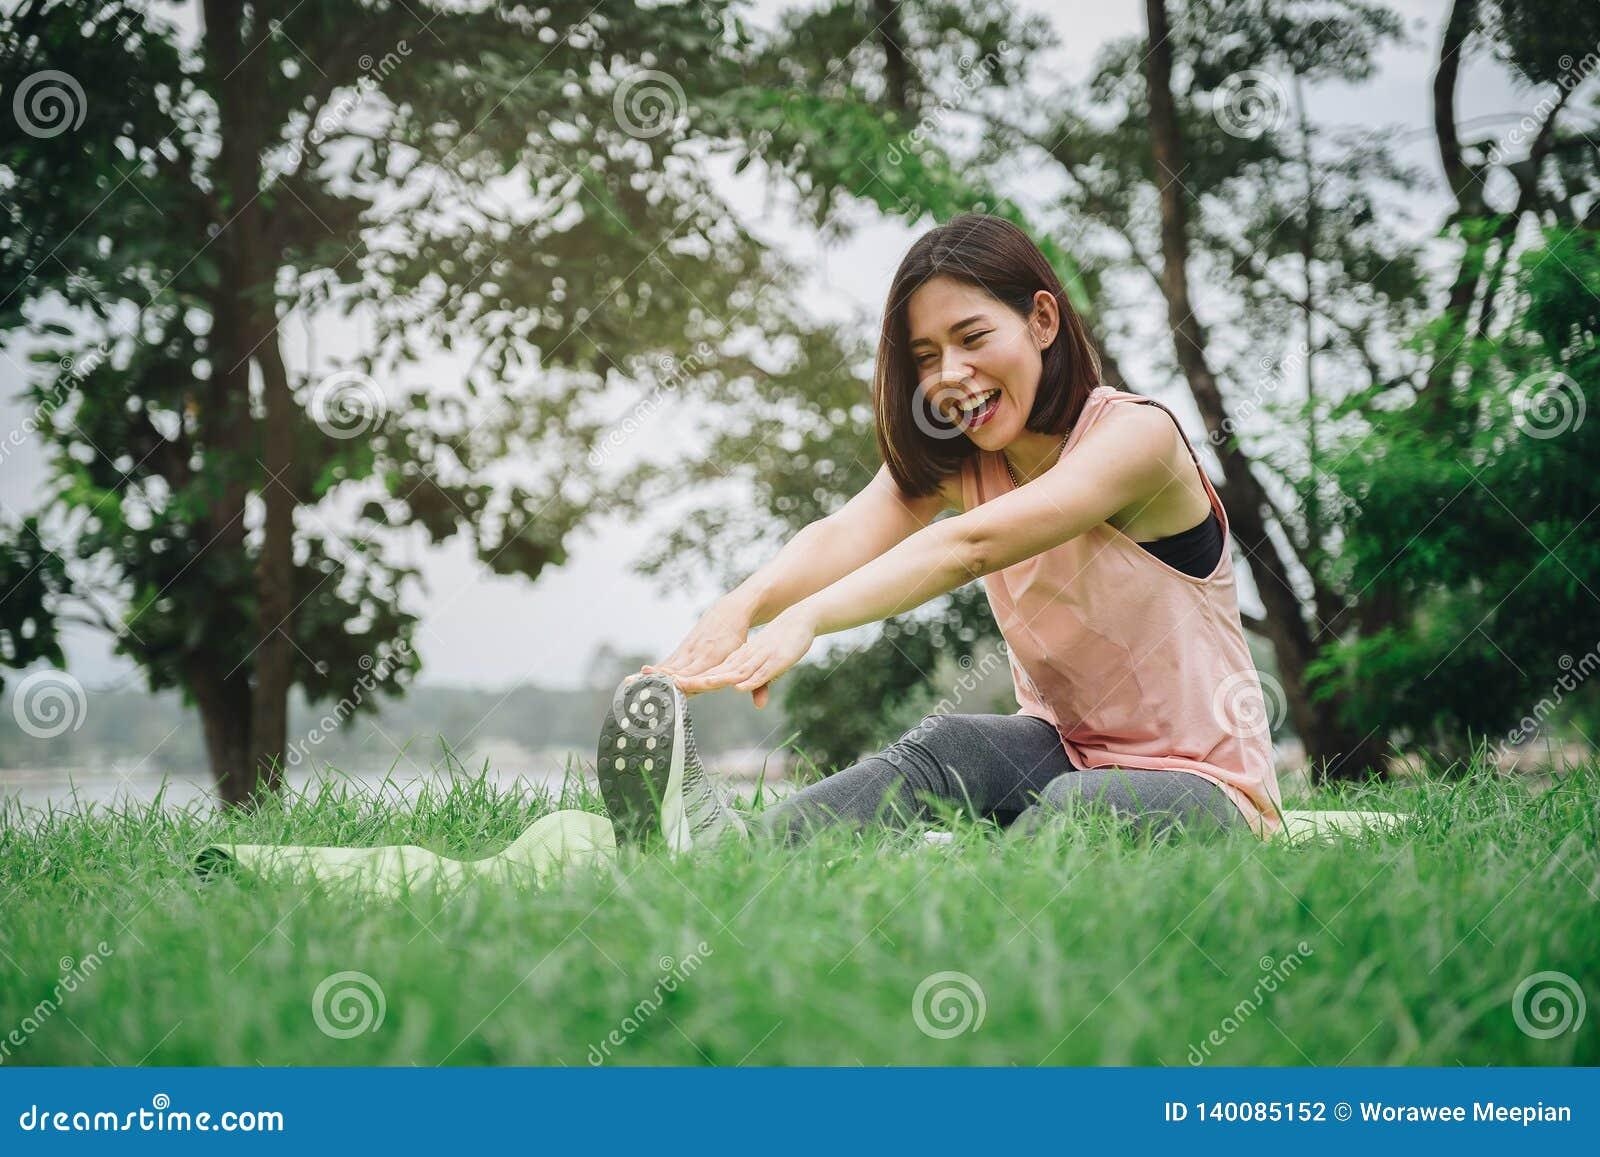 Νέα άσκηση χαμόγελου γυναικών στο πάρκο υγιής τρόπος ζωής έννοιας